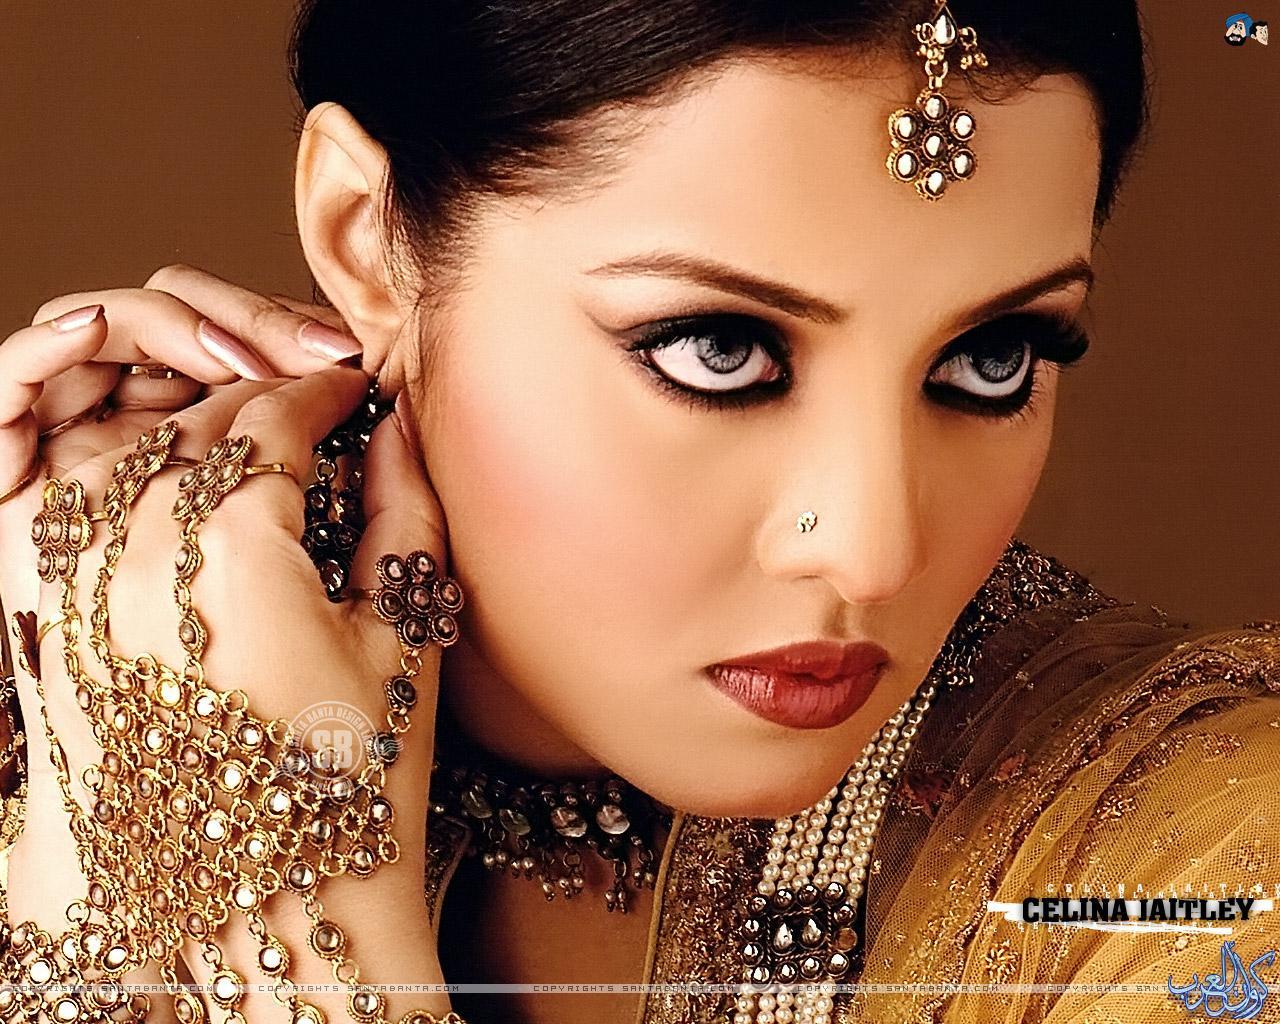 بالصور صور ملكة جمال العالم الهندية 492 12